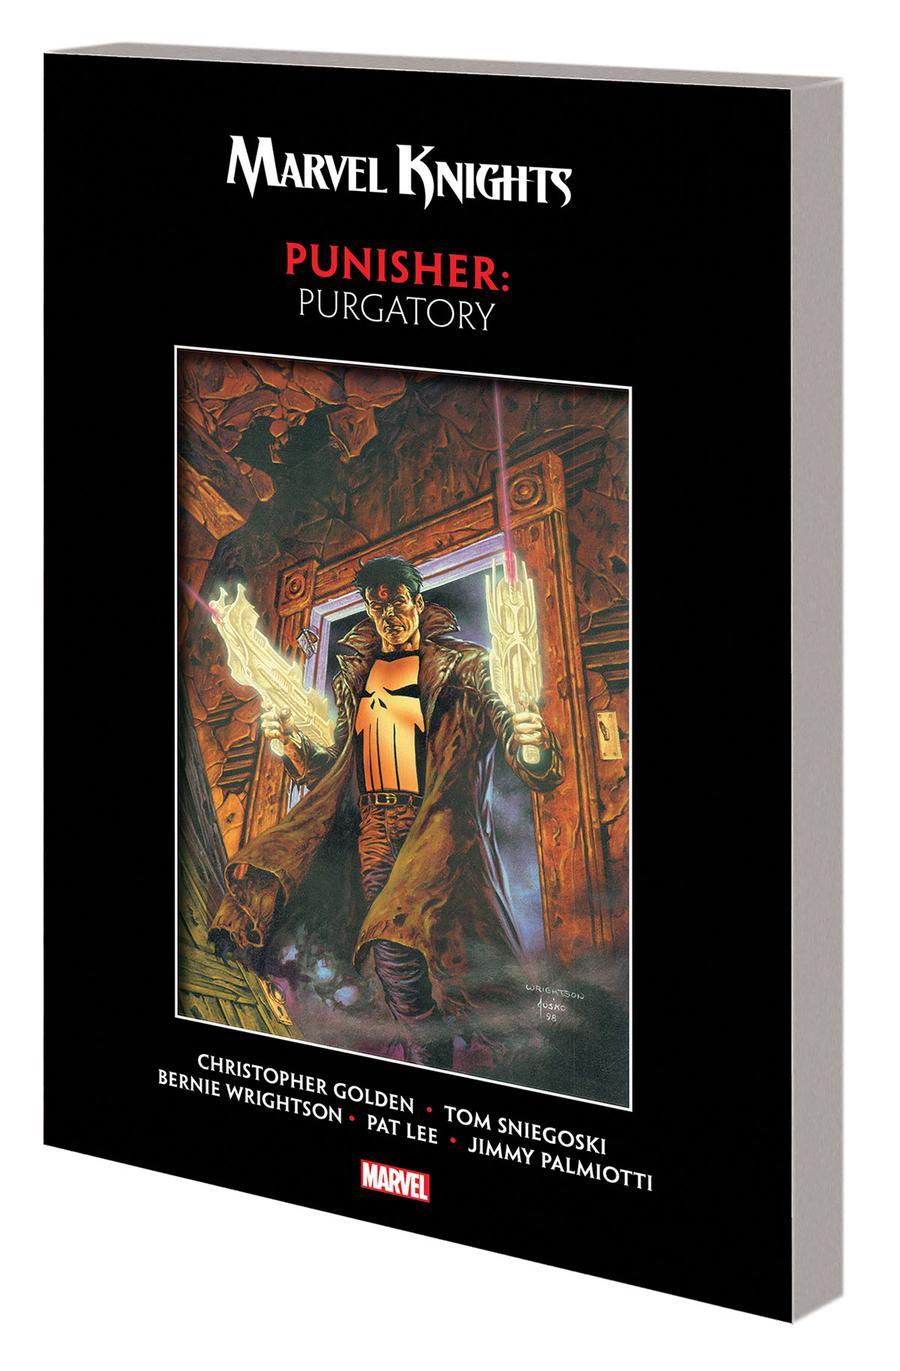 Marvel Knights Punisher By Golden Sniegoski & Wrightson Purgatory TP